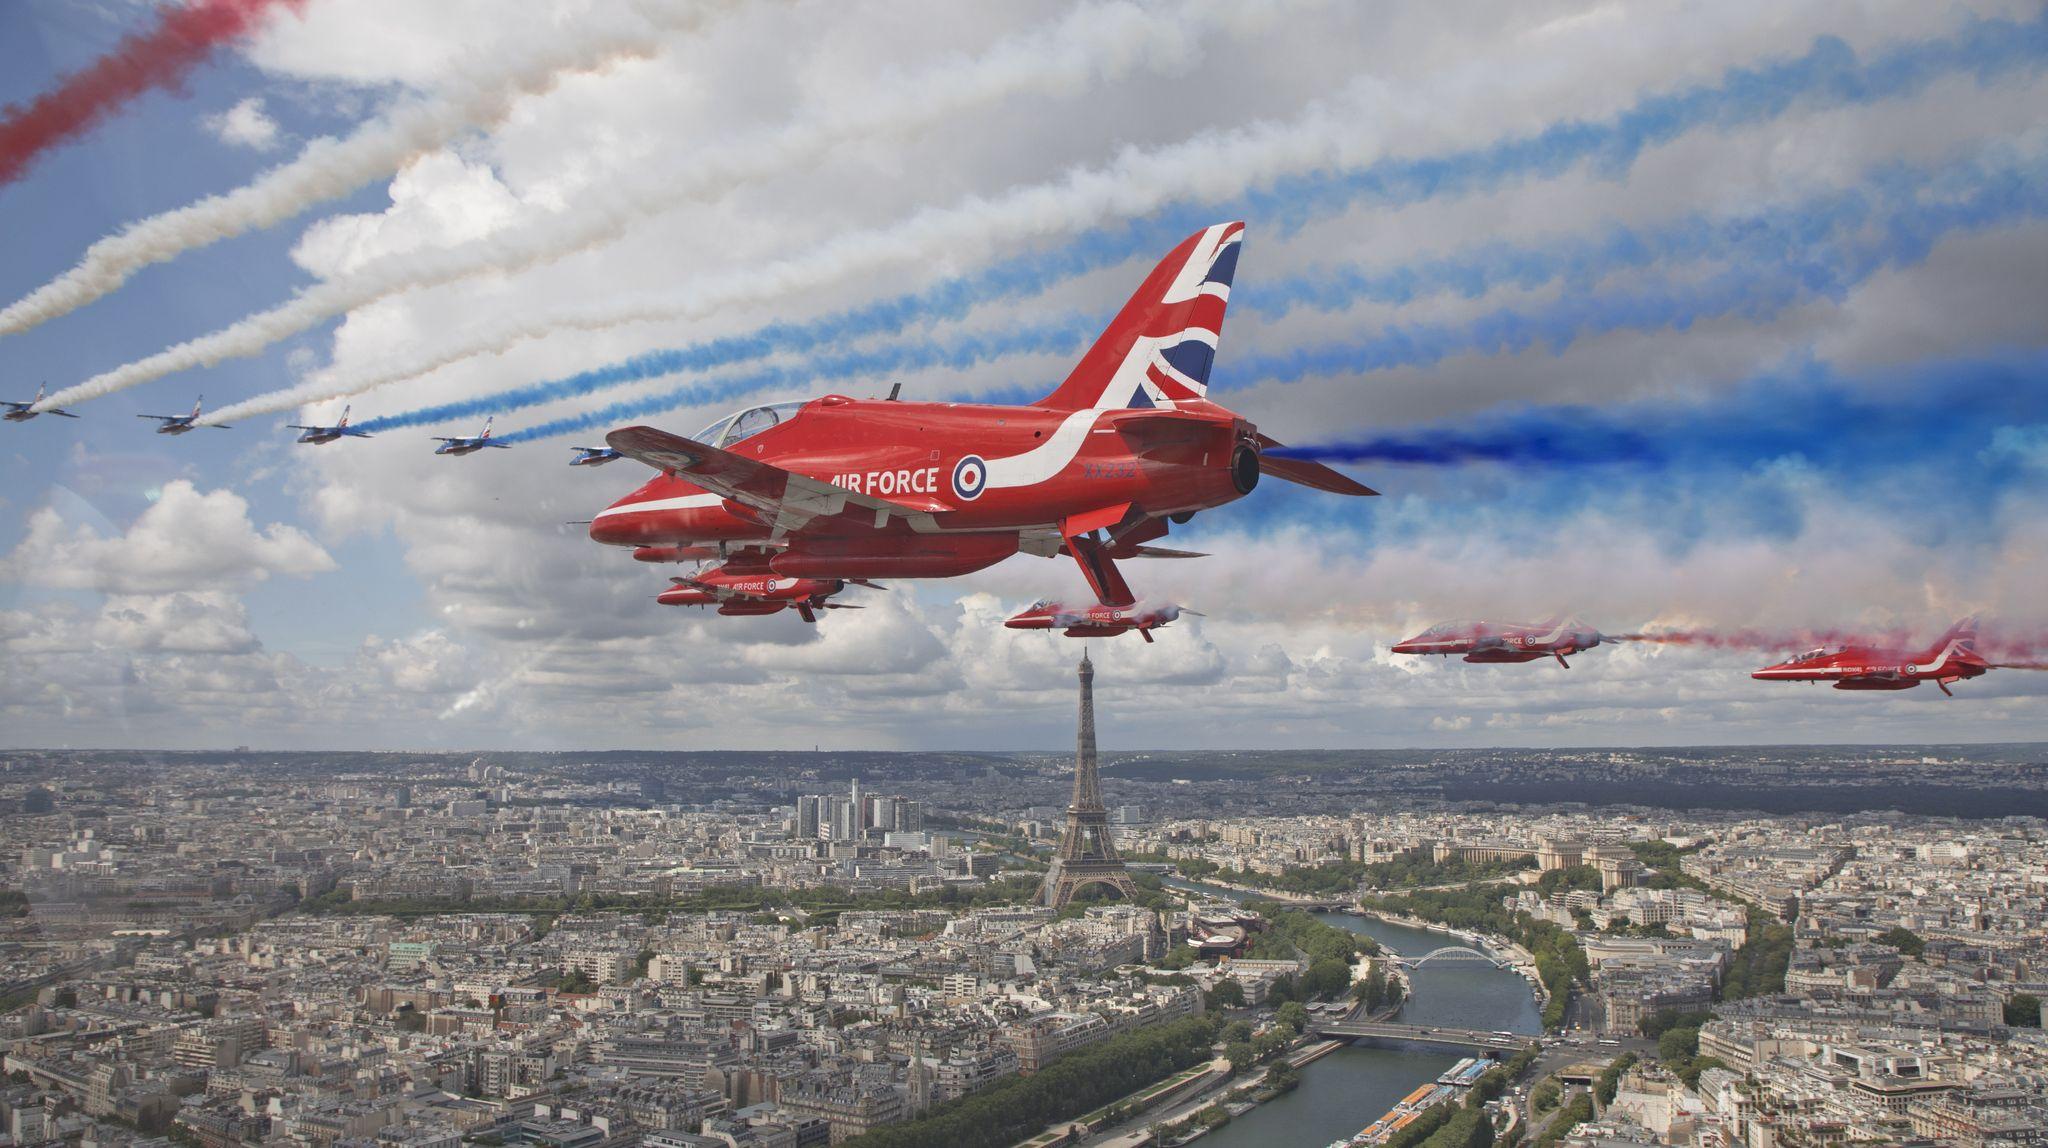 영국 공군 곡예 비행단 '레드 애로'와 프랑스 공군 특수 비행팀 '파트루이유 드 프랑스'가 18일(현지시간) 프랑스 파리 에펠탑 상공을 함께 날고 있다. [EPA=연합뉴스]